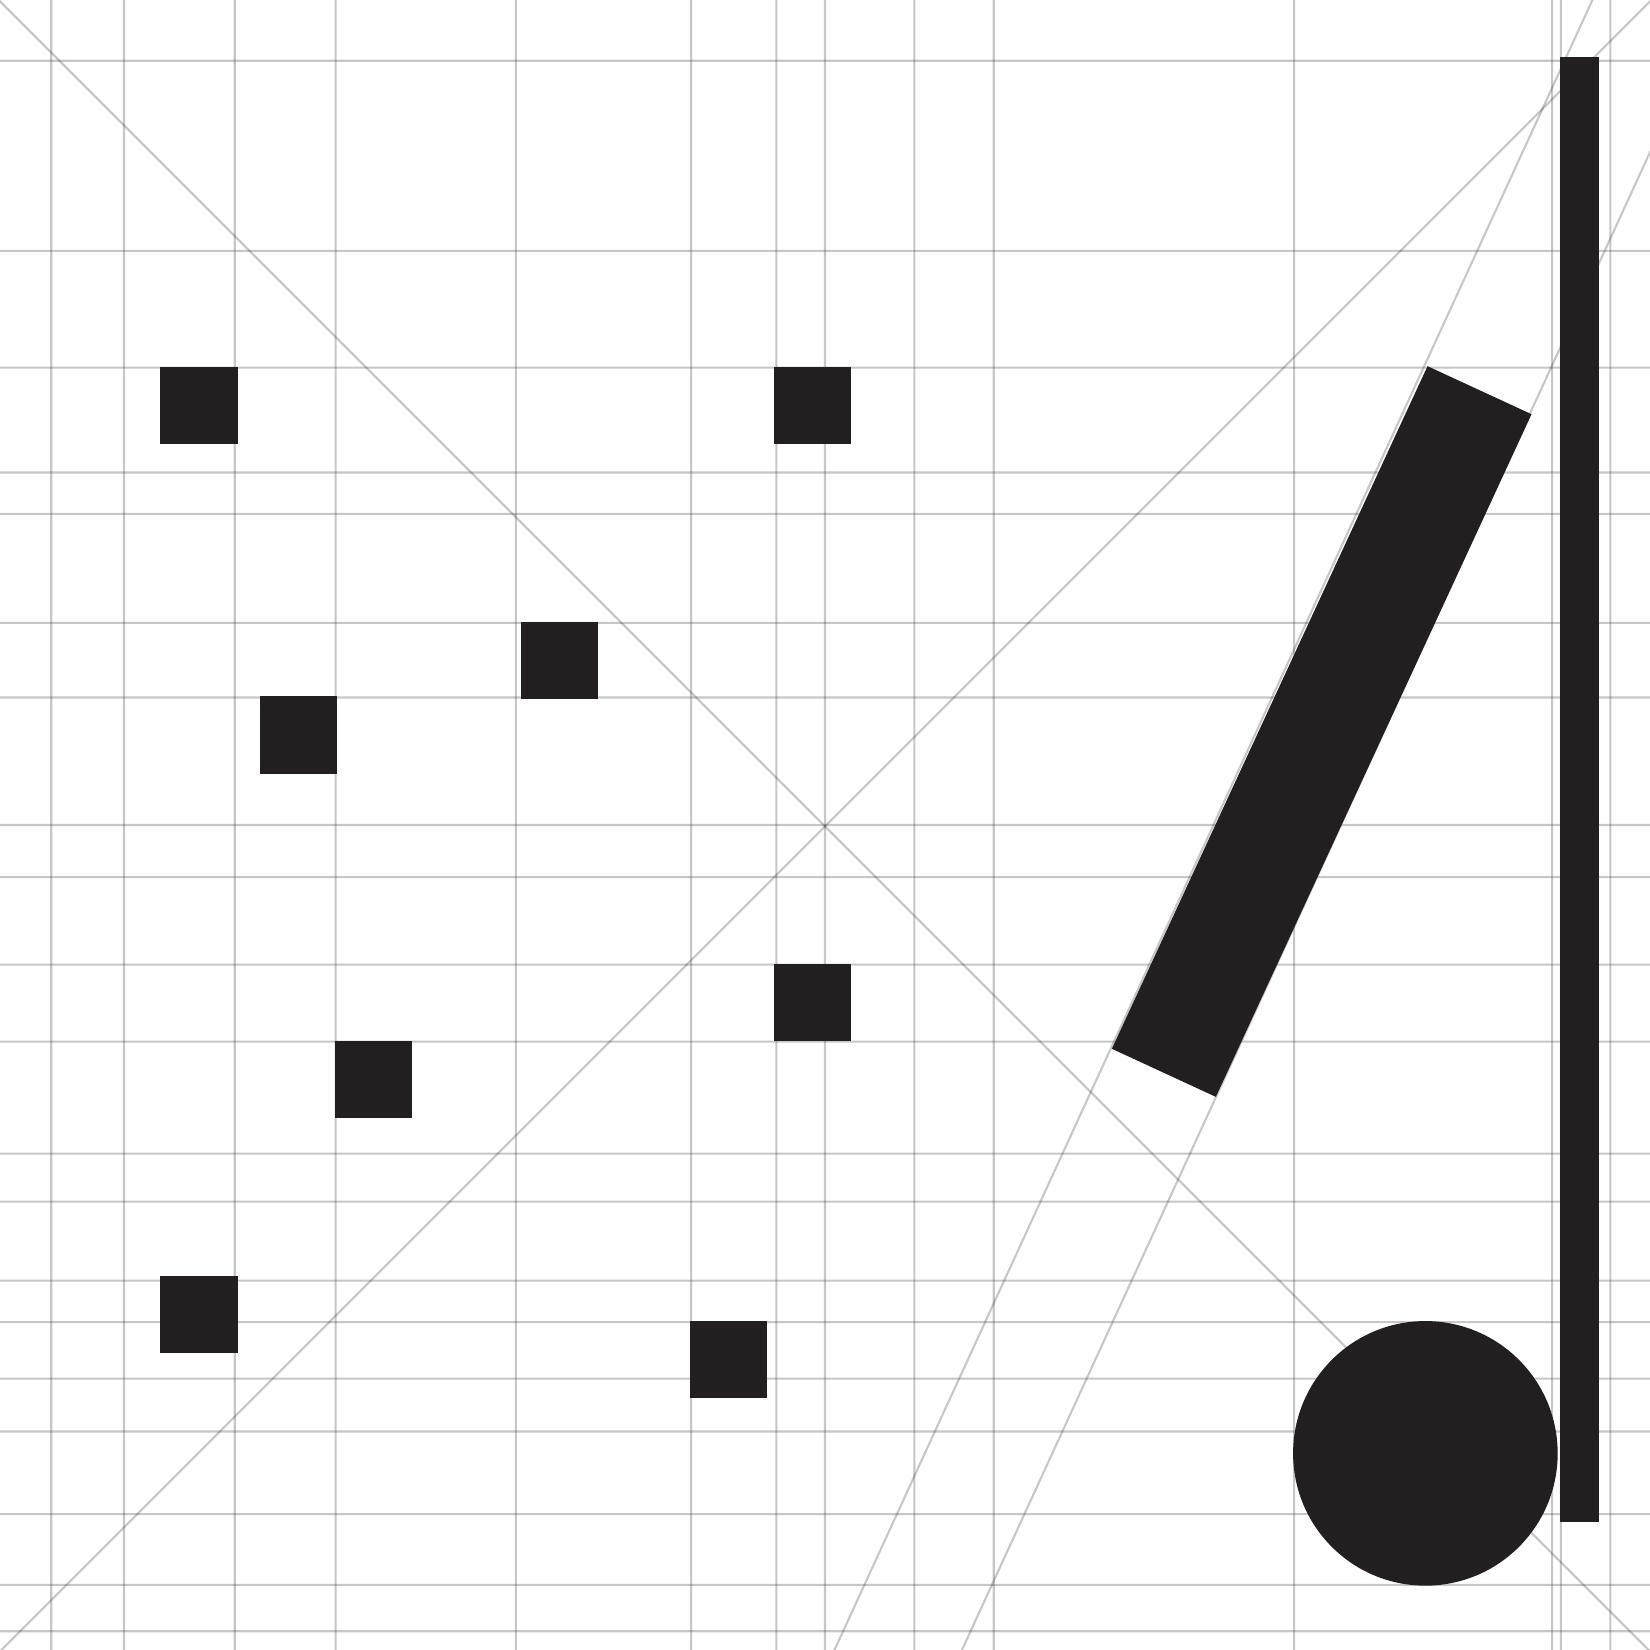 Assignment5_process1_#1_regressive_shapes.lines_000001.jpg